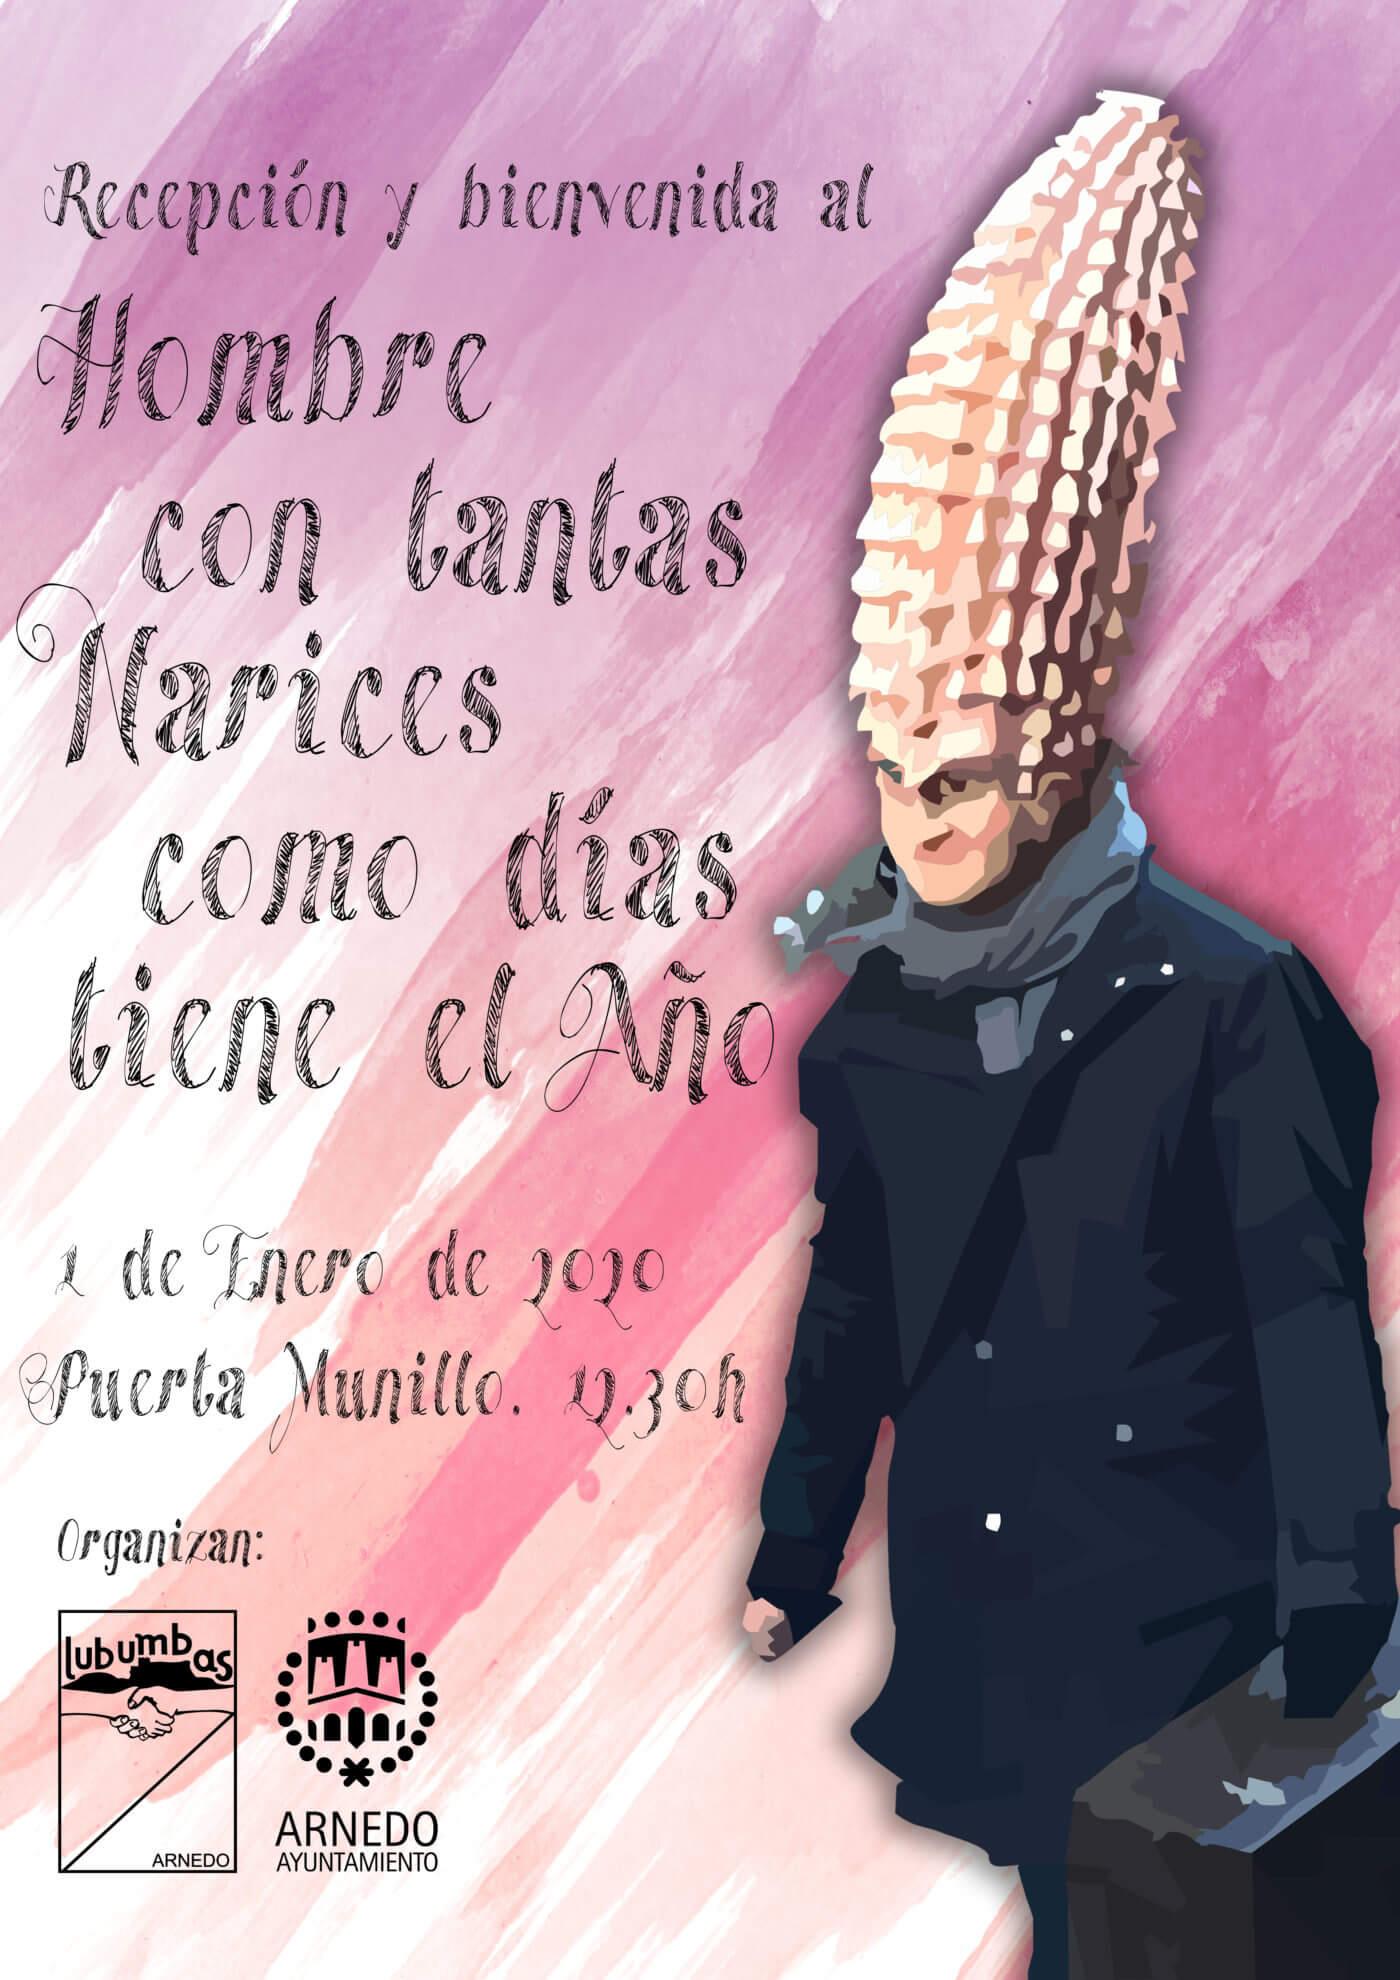 La Peña Lubumbas de Arnedo presenta su anuario del 2019 y acto de bienvenida al 'Hombre con tantas narices'